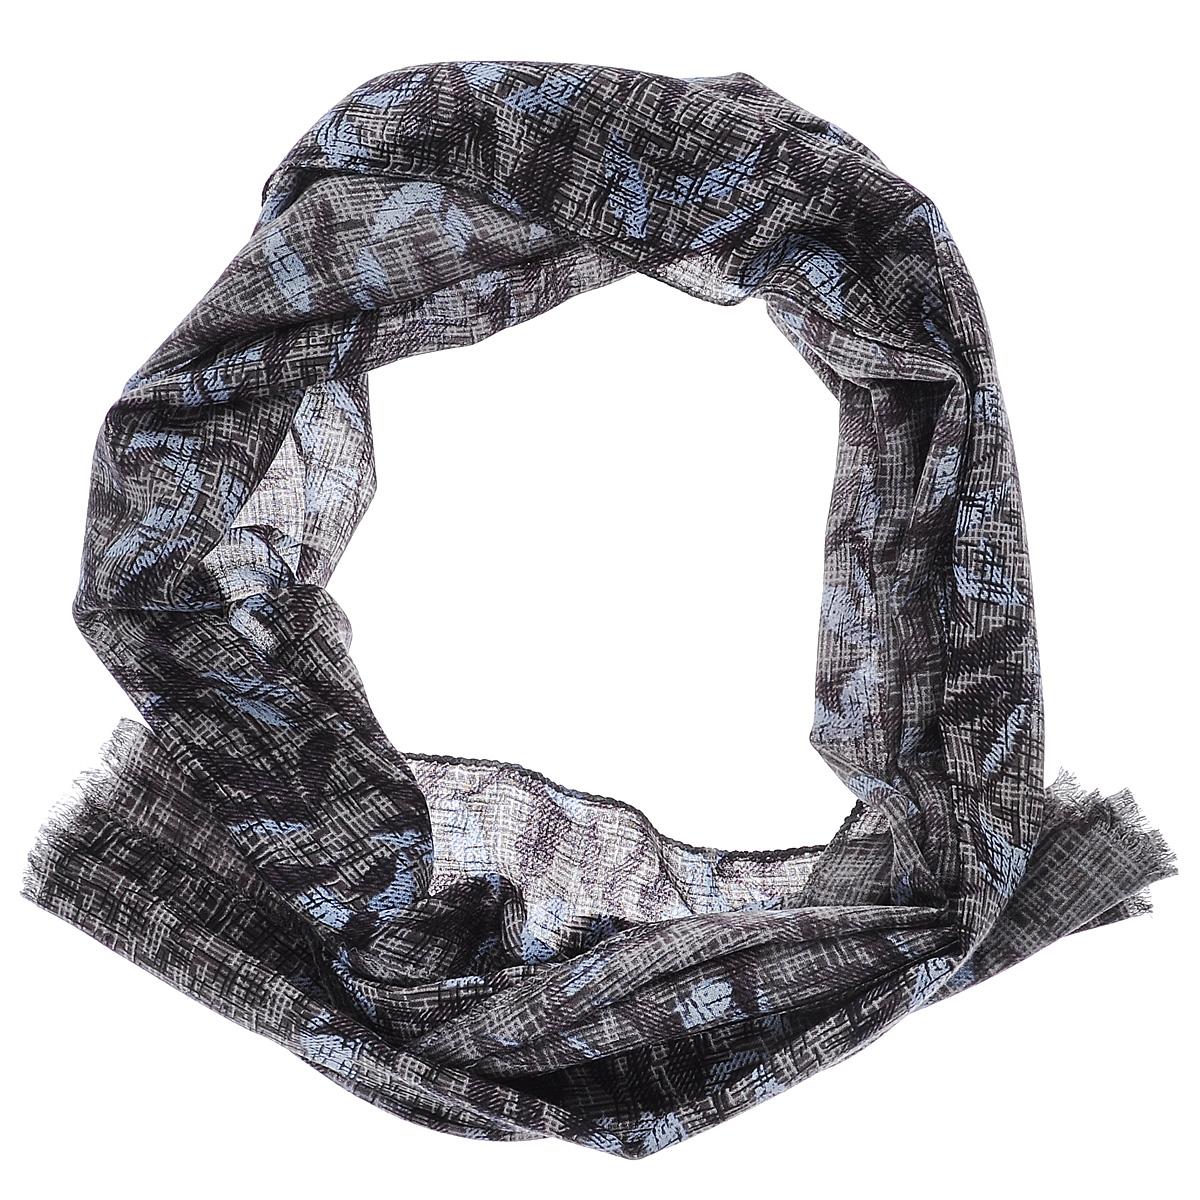 35010-11GЭлегантный женский шарф Moltini подчеркнет ваш неповторимый образ. Он выполнен из мягкой натуральной шерсти и оформлен оригинальным цветочным принтом. Края шарфа декорированы тонкой бахромой. Этот модный аксессуар женского гардероба гармонично дополнит образ современной женщины, следящей за своим имиджем и стремящейся всегда оставаться стильной и женственной.